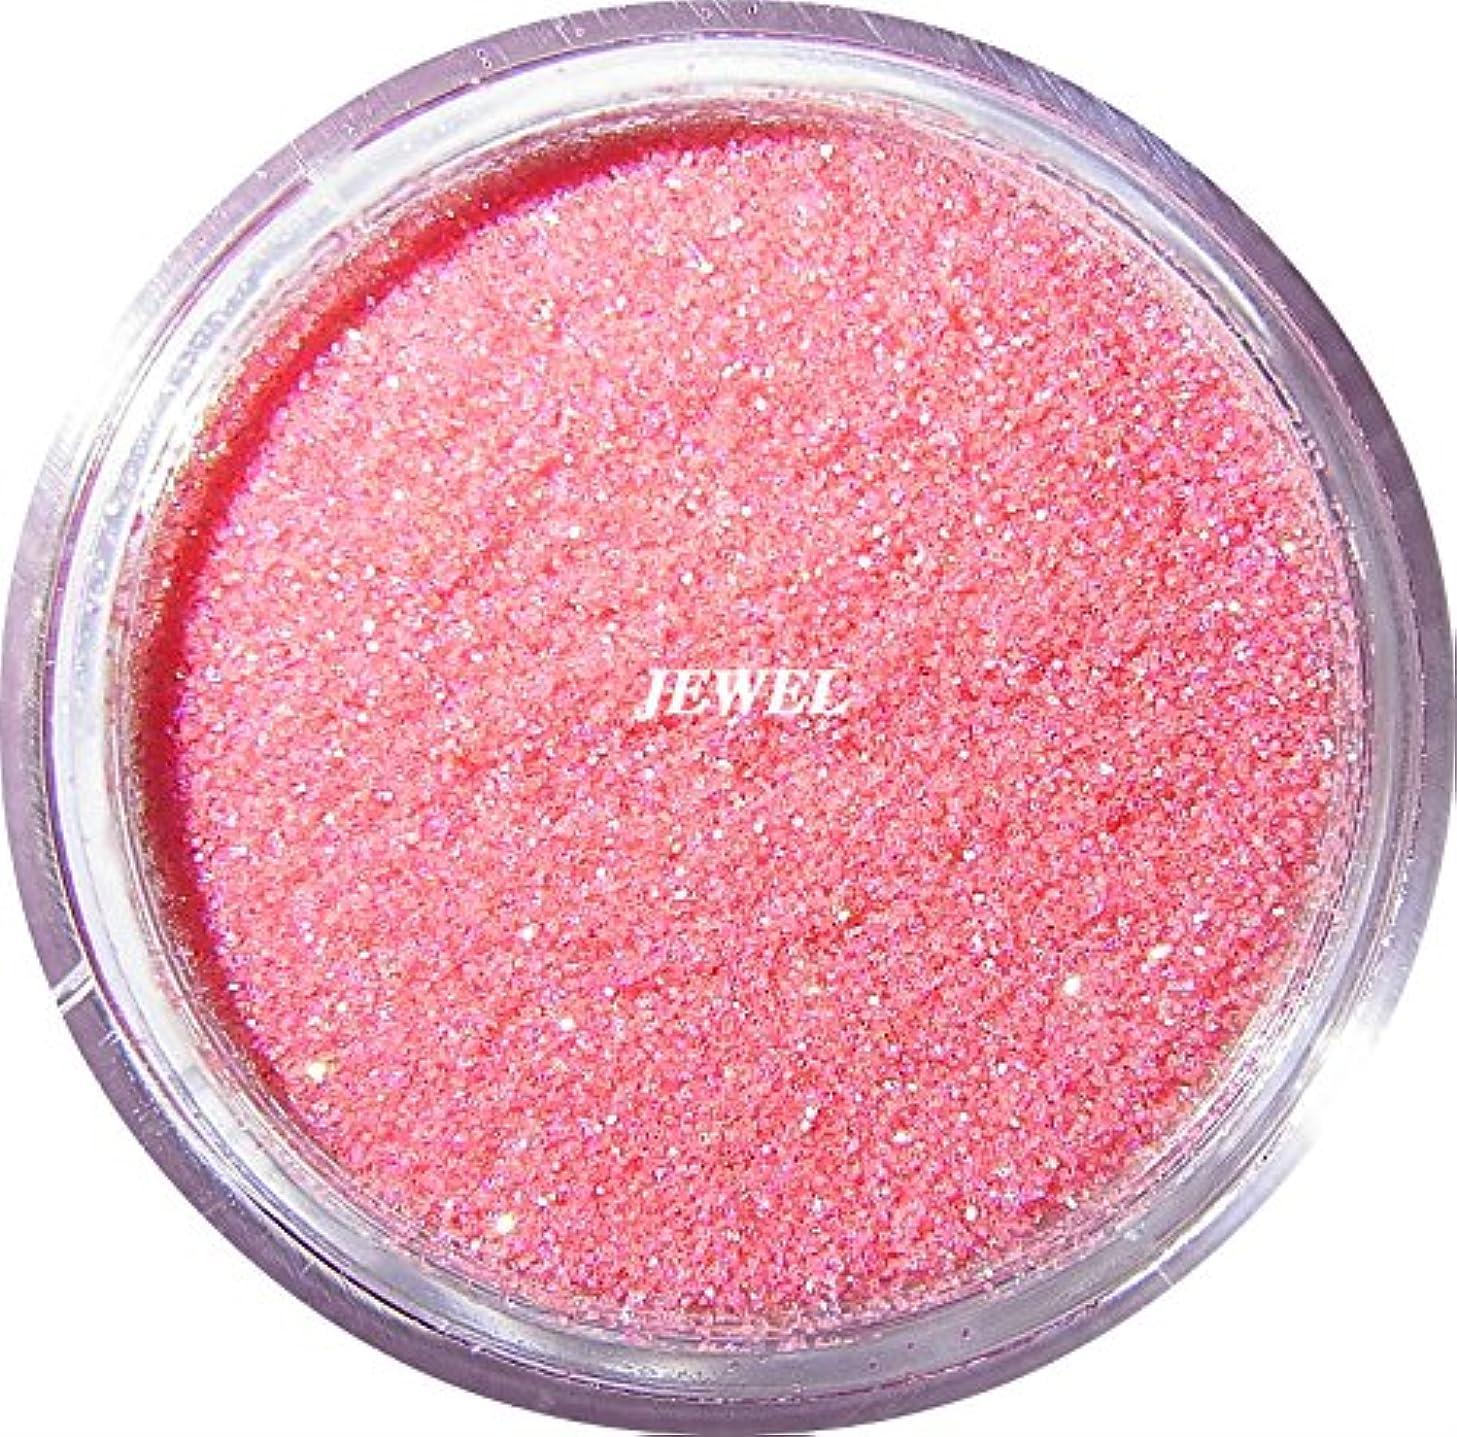 主導権主観的テーブル【jewel】 超微粒子ラメパウダーたっぷり2g入り 12色から選択可能 レジン&ネイル用 (ベビーピンク)